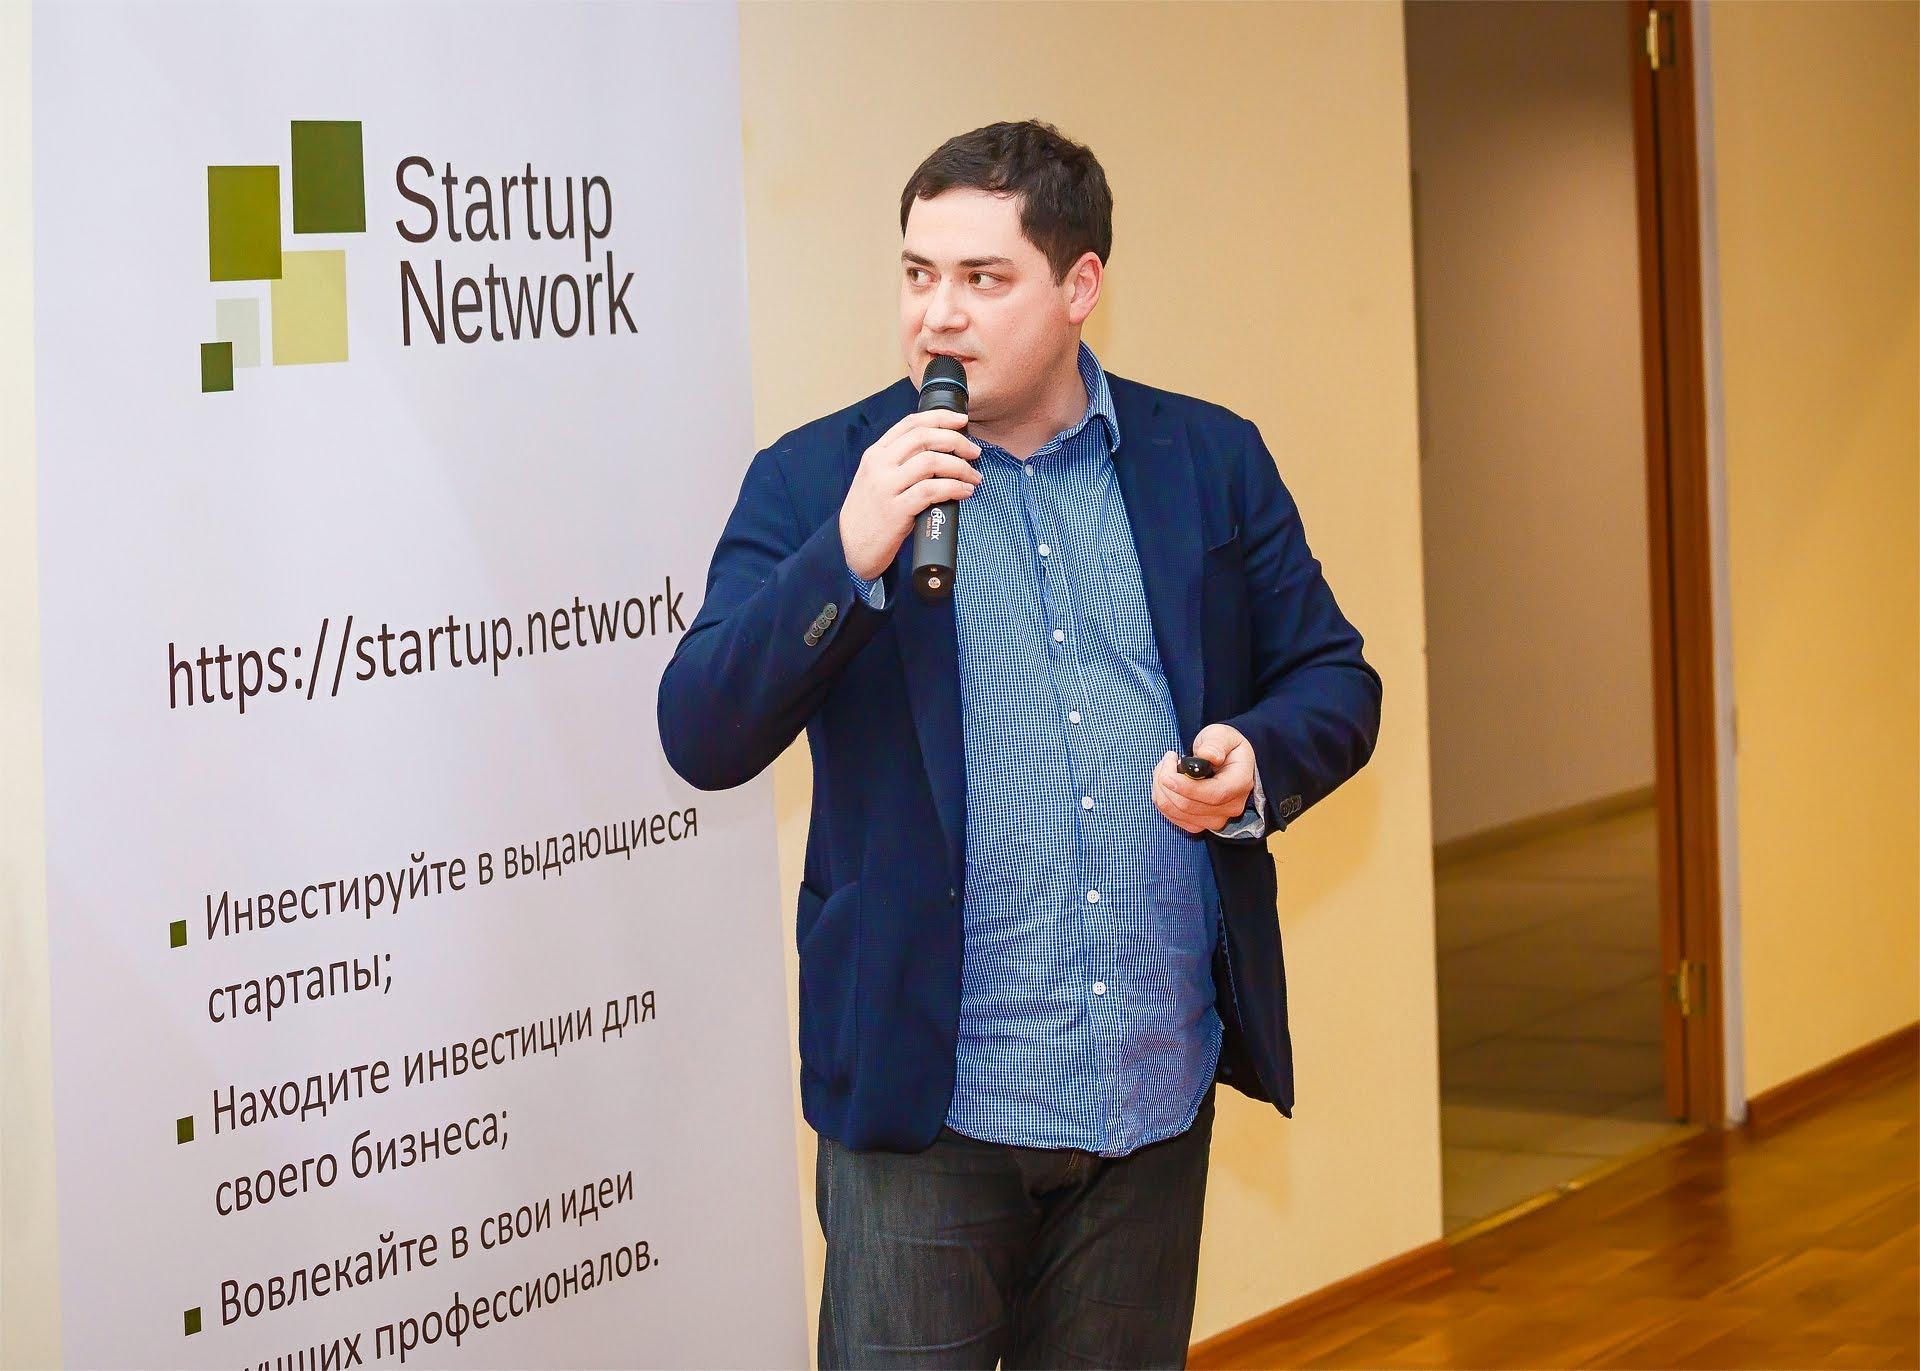 Стартап ценою в жизнь. LimpidArmor привлек через Startup.Network первый раунд инвестиций и готовится покорять мир